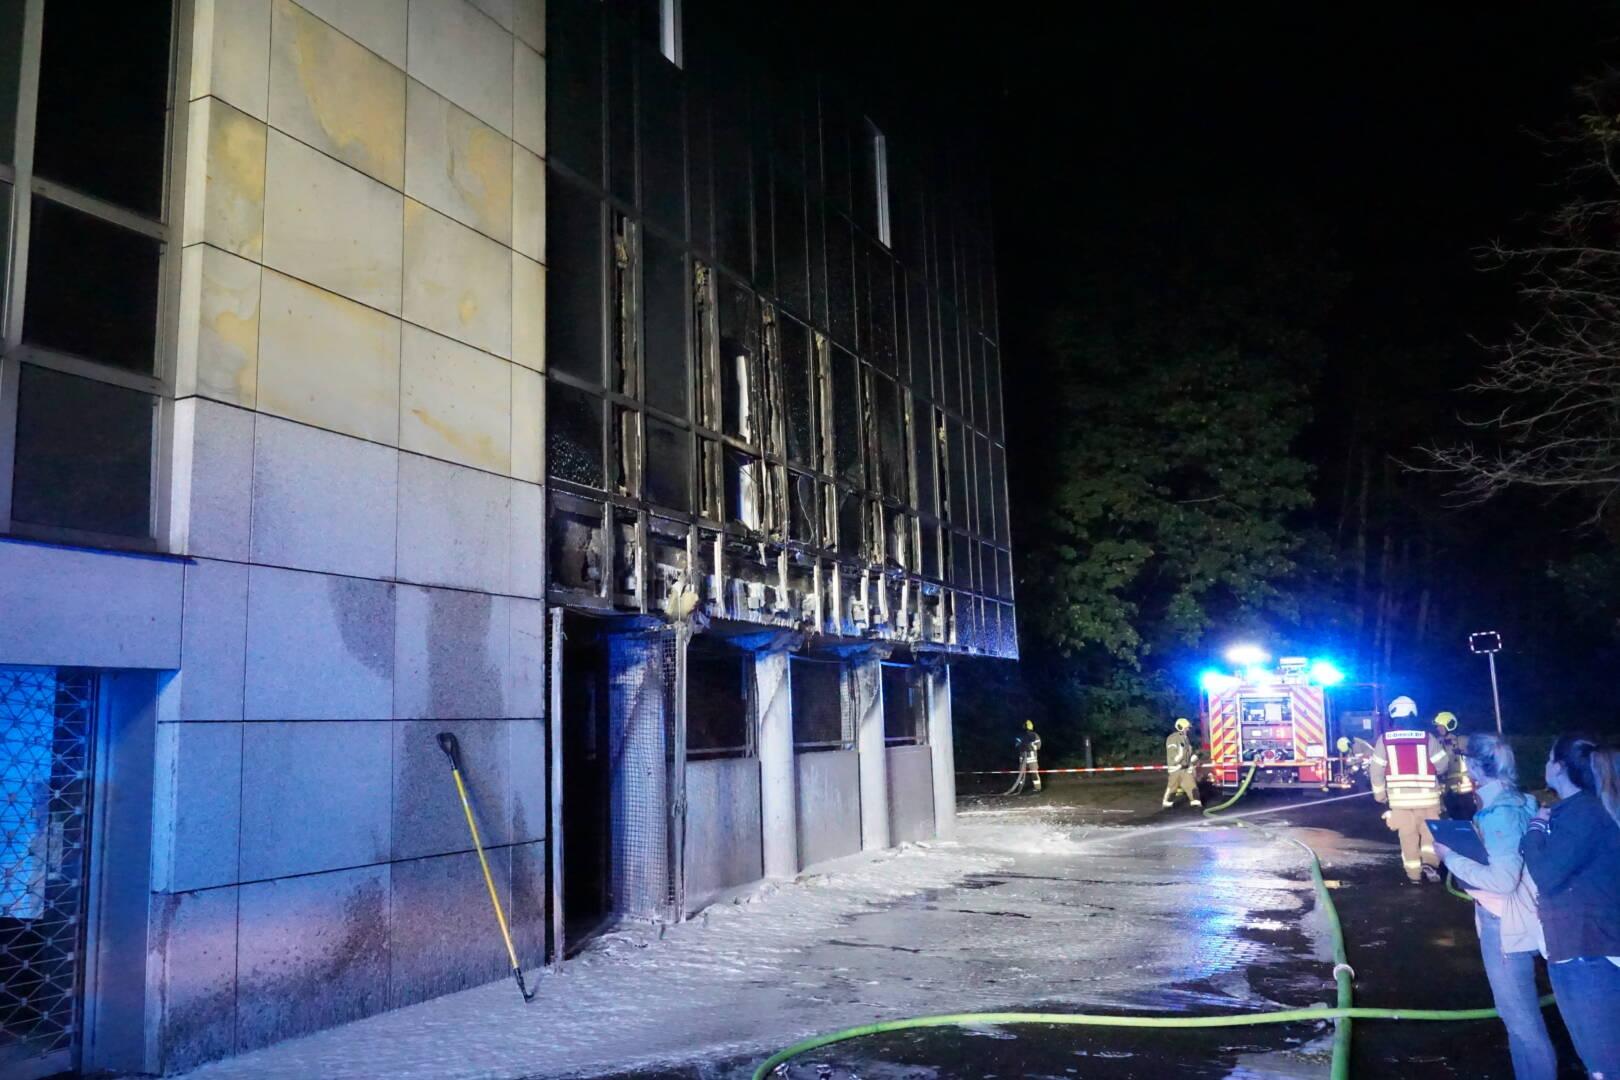 Umfangreiche Schäden durch Brandeinwirkung